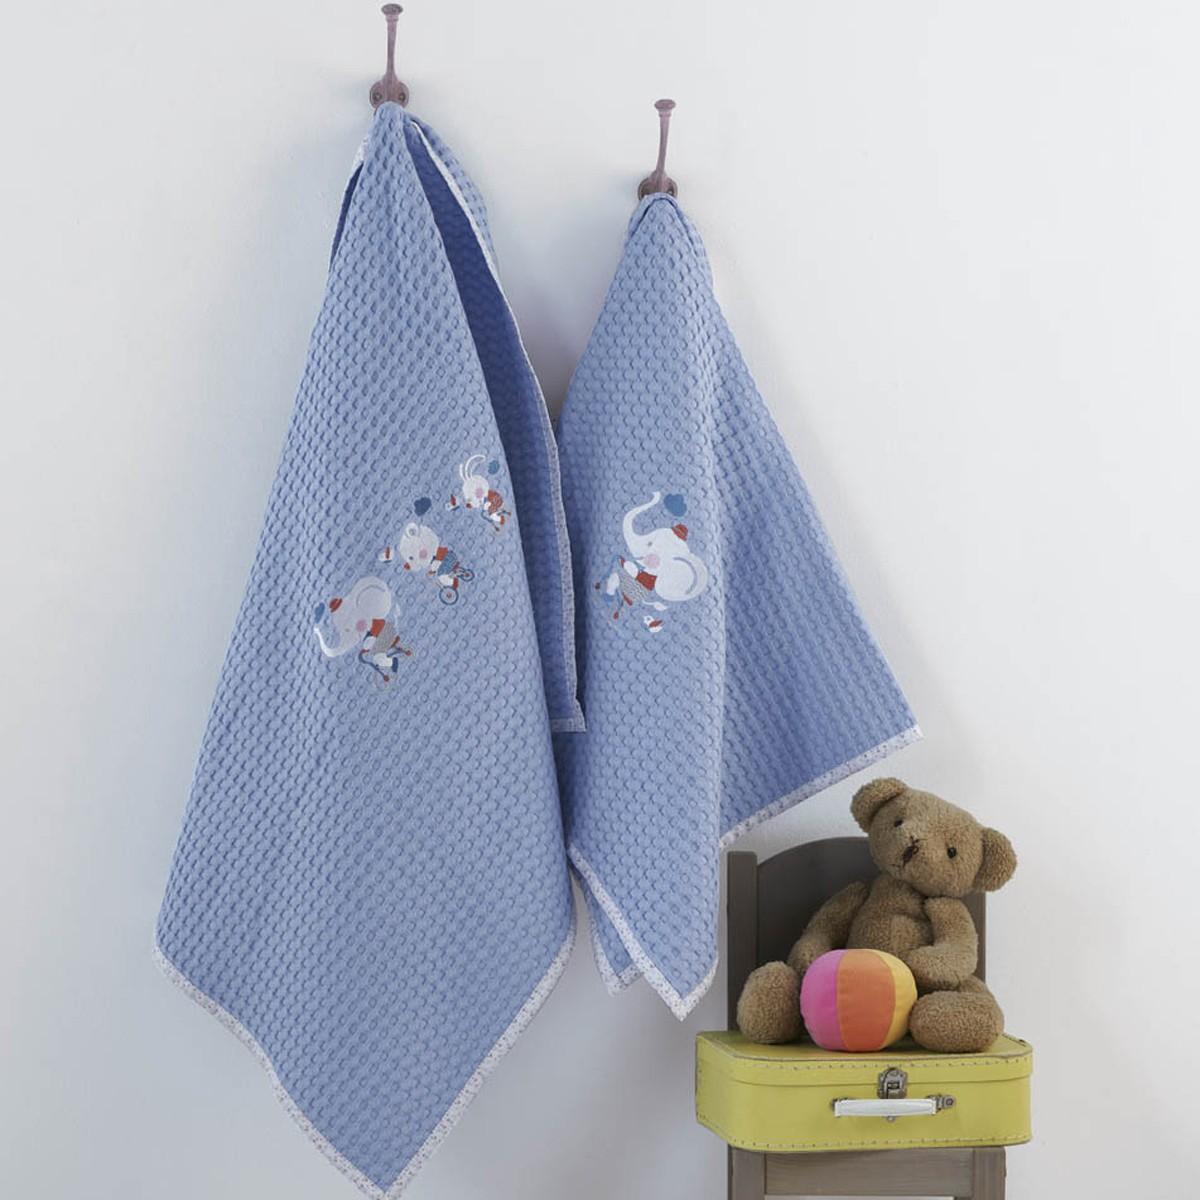 Κουβέρτα Πικέ Αγκαλιάς Kentia Baby Farm home   βρεφικά   κουβέρτες βρεφικές   κουβέρτες καλοκαιρινές